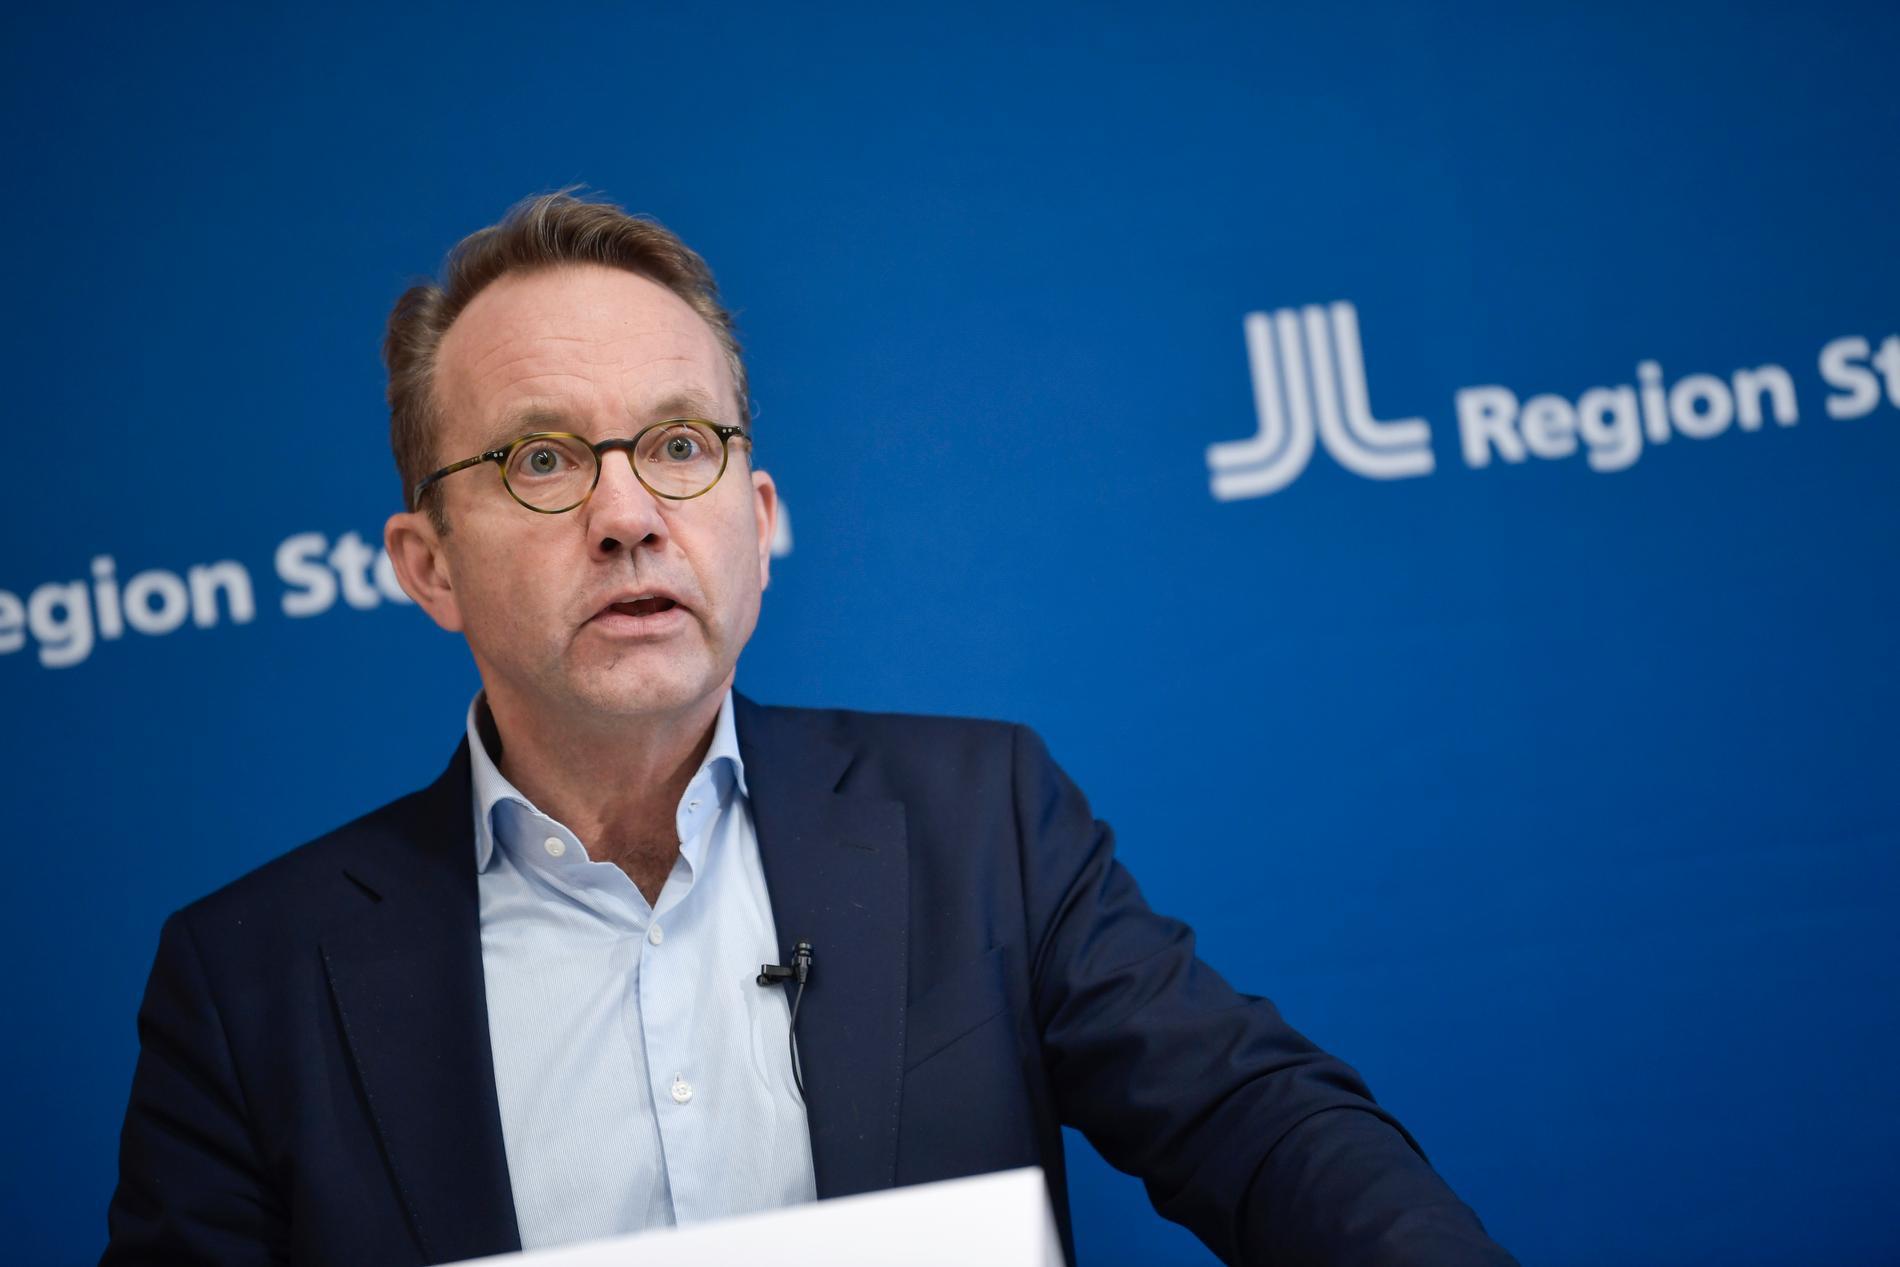 Region Stockholms hälso- och sjukvårdsdirektör Björn Eriksson.